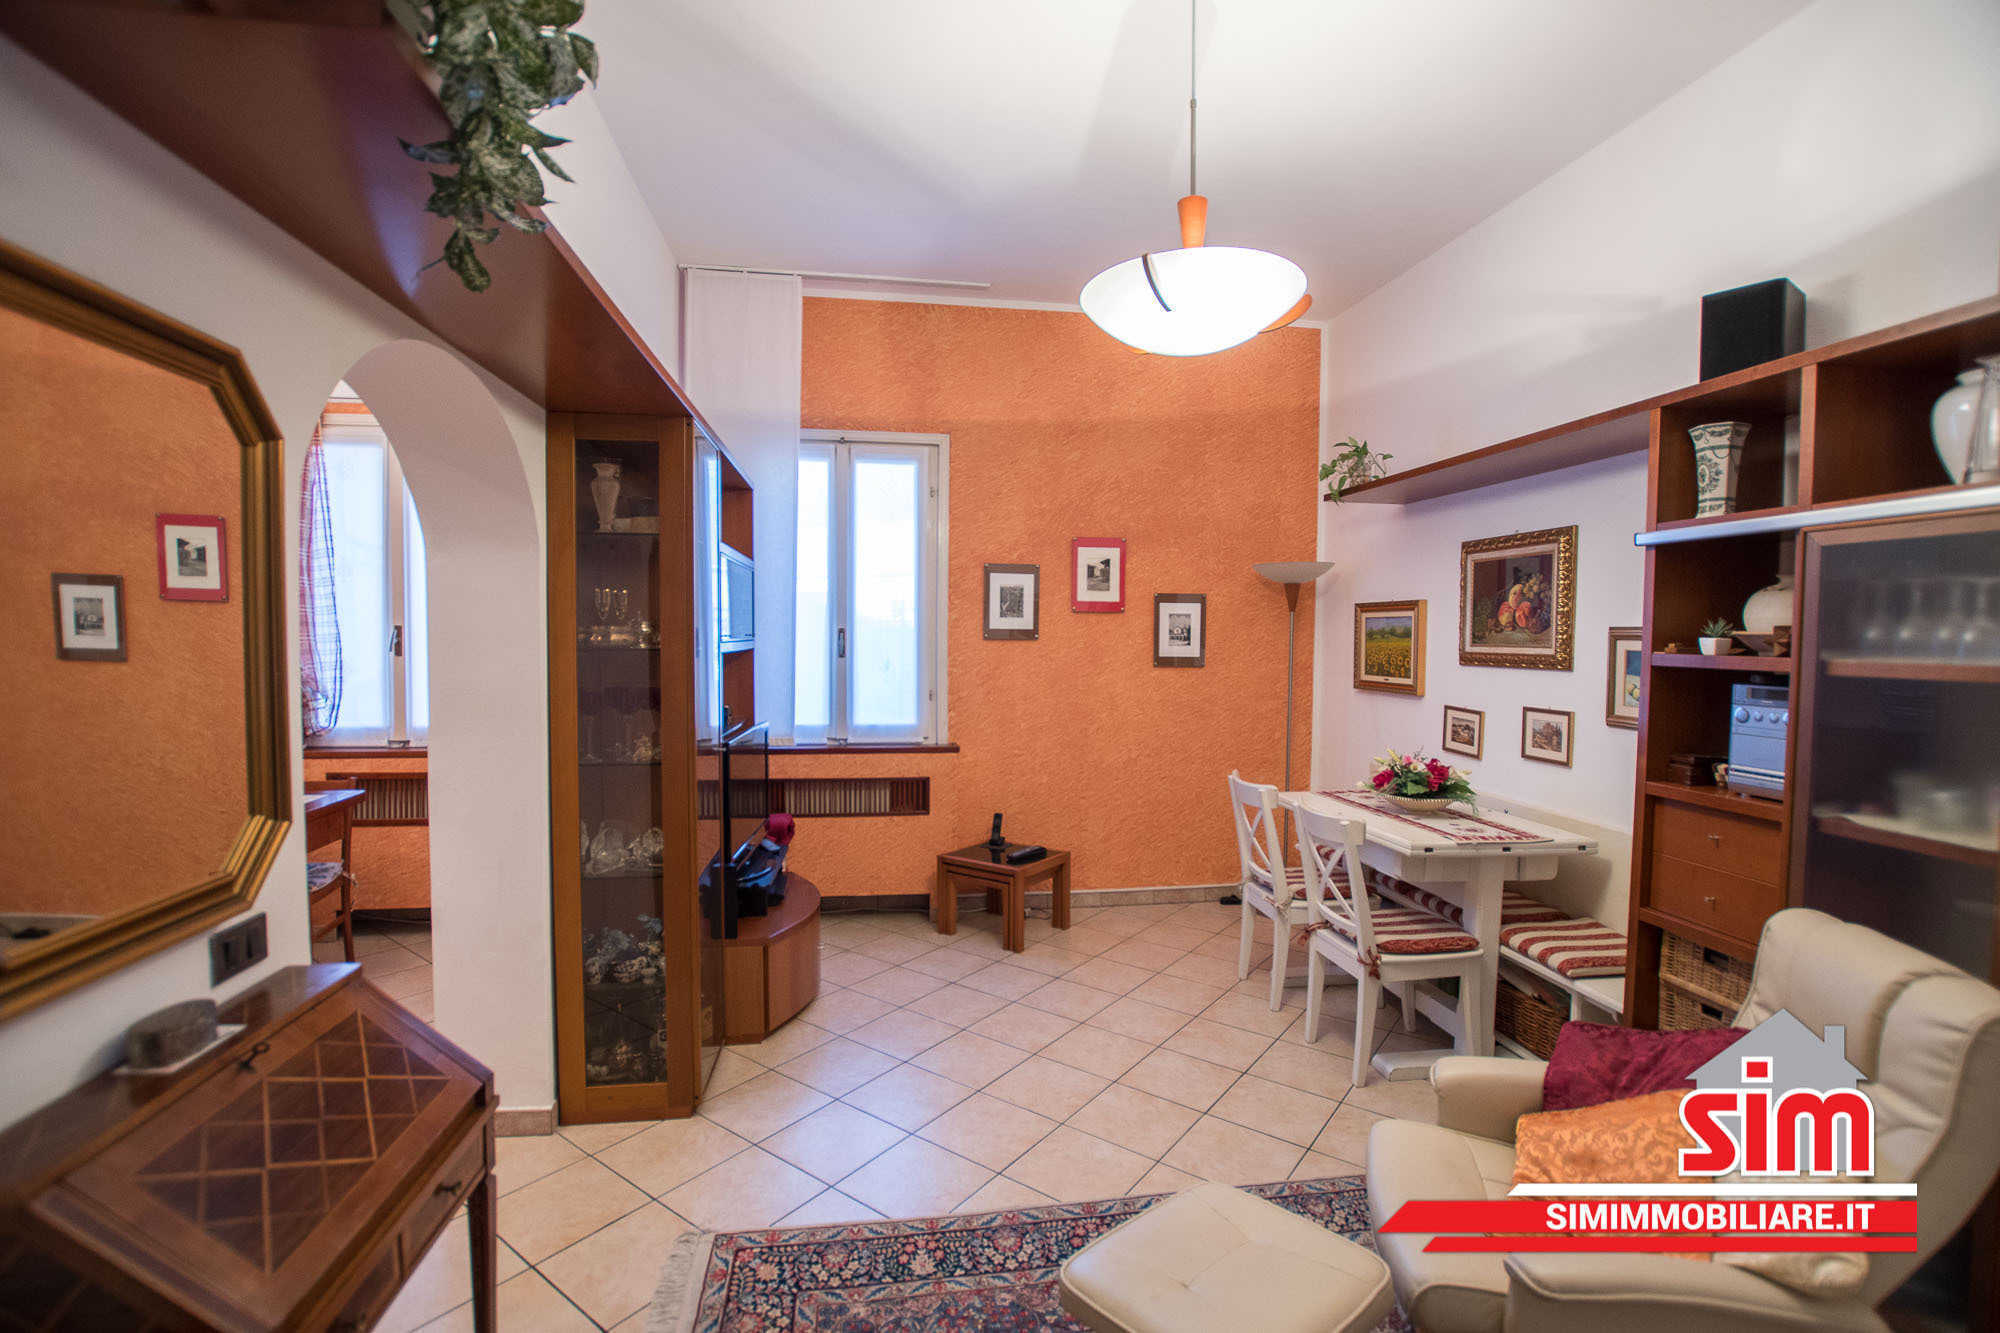 Vuoi vendere casa questo il tuo momento novara traina il mercato piemontese blog sim - Come vendere casa ...